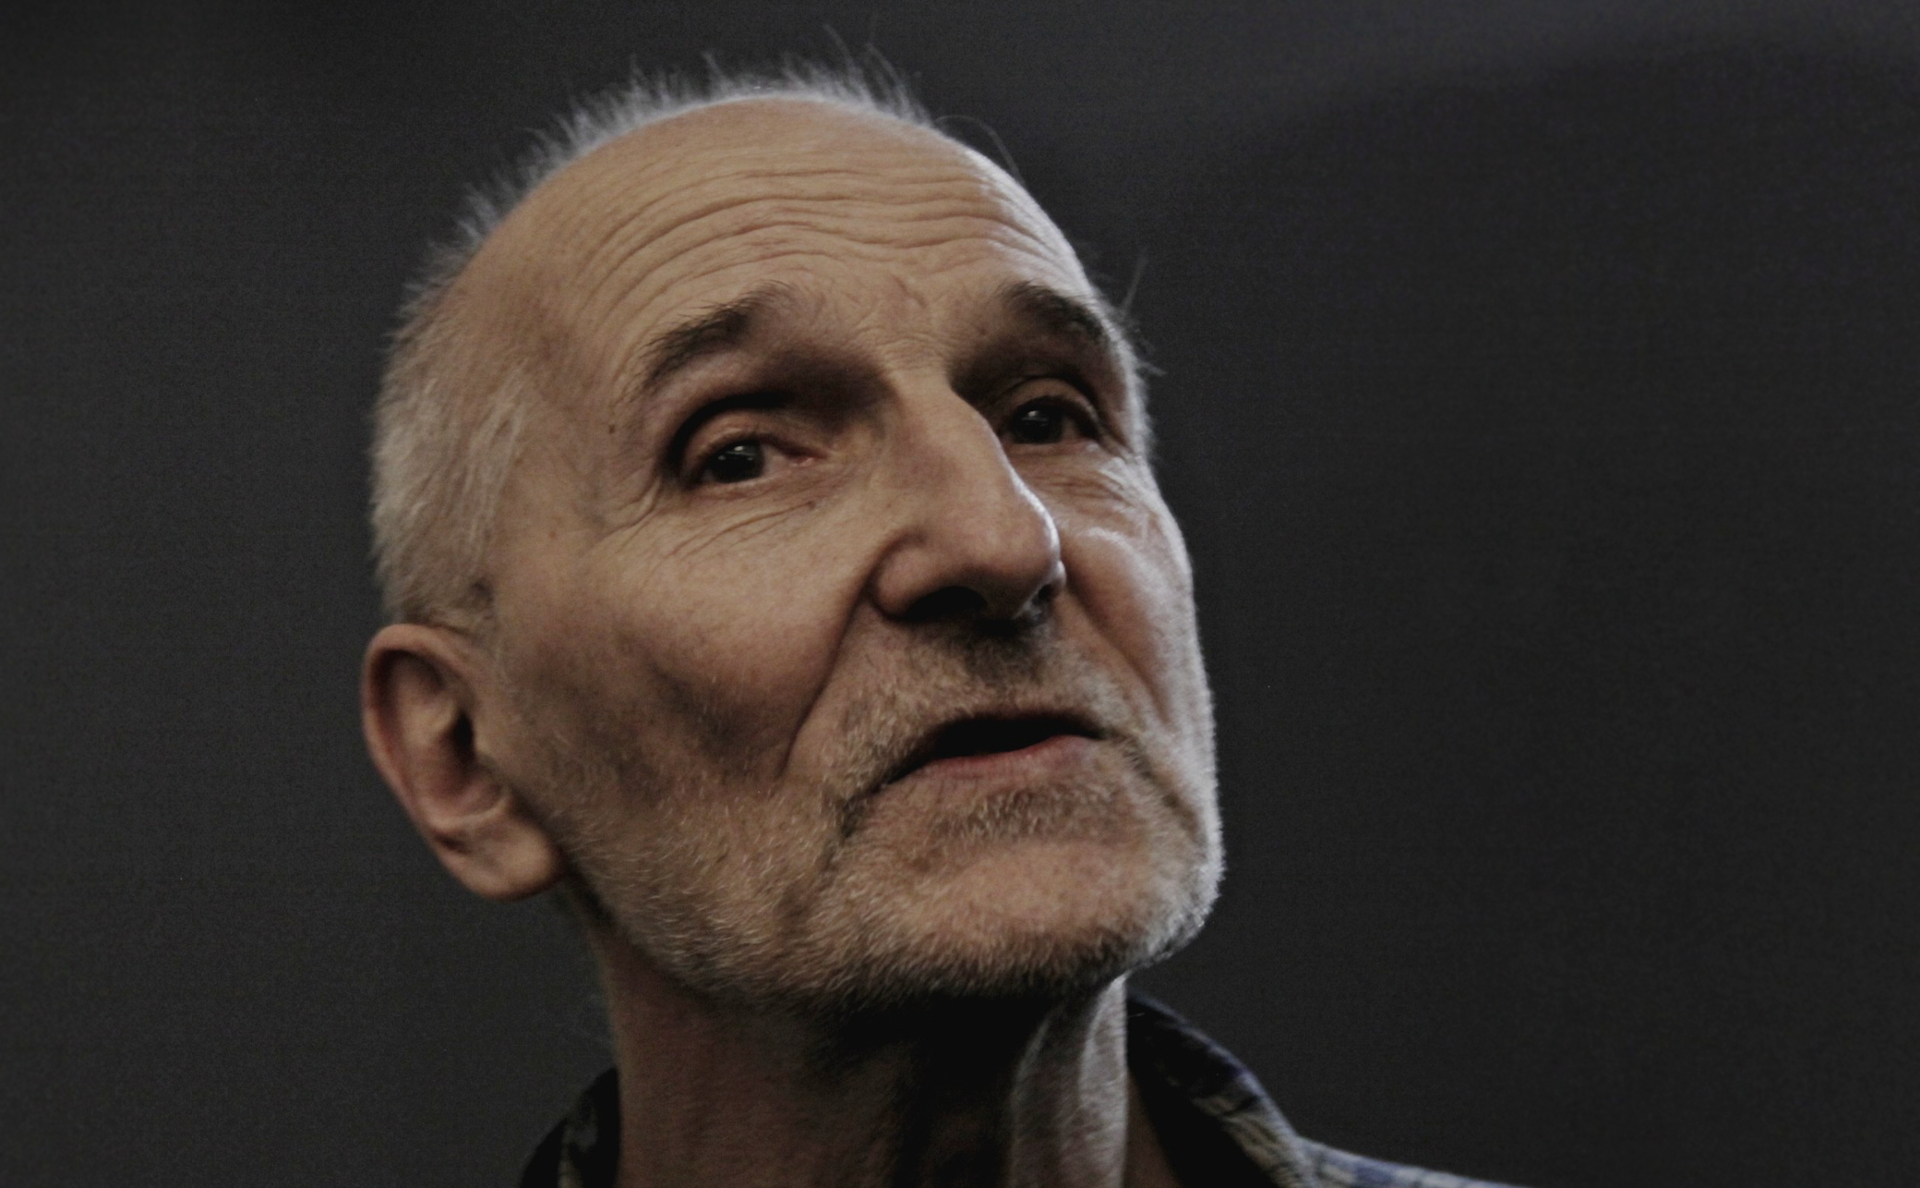 Семья Петра Мамонова 16 июля объявит дату и место похорон артиста